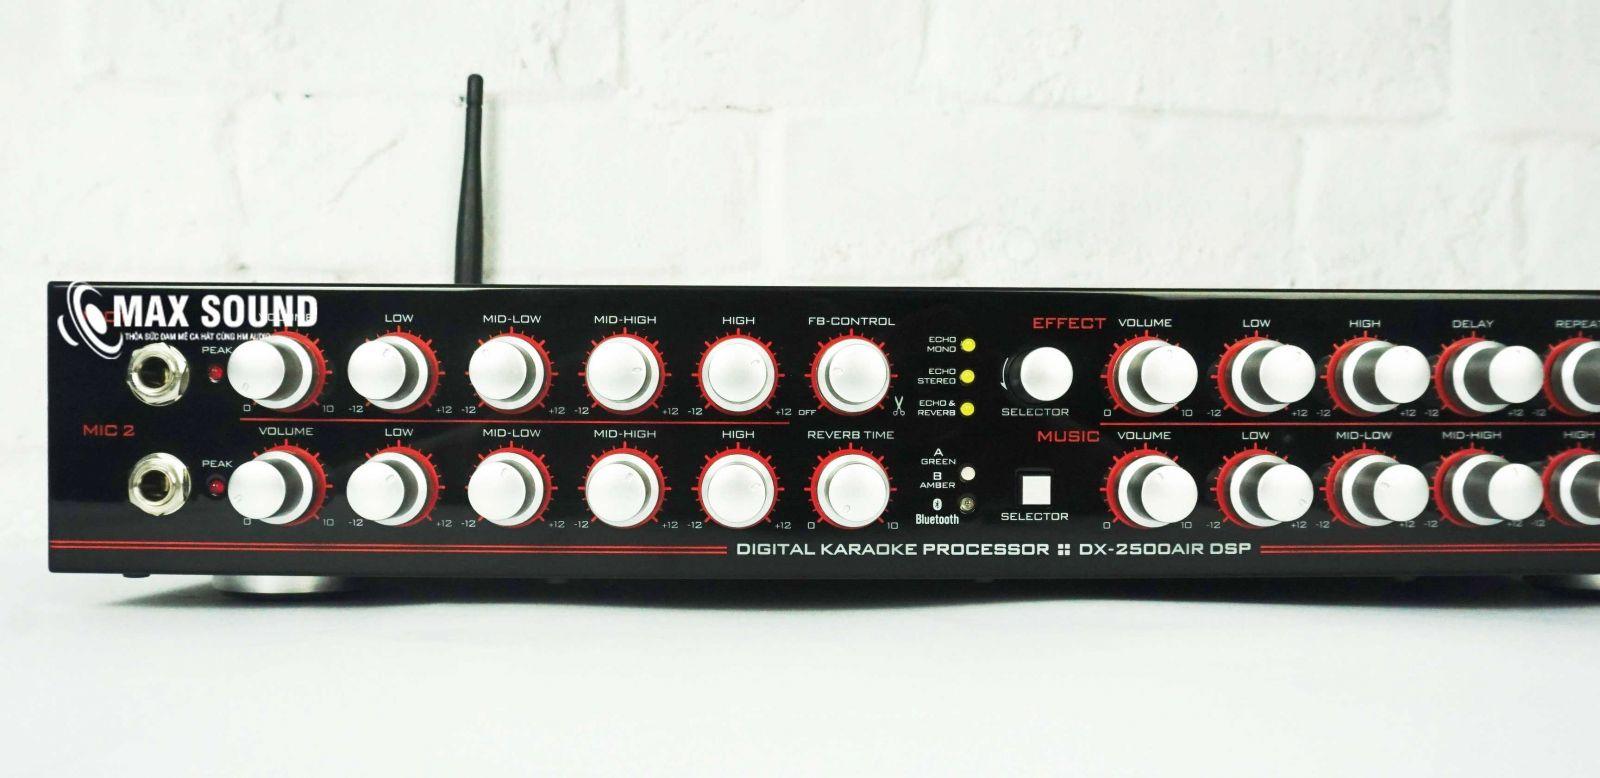 Vang số Paramax được trang bị công nghệ tiên tiến